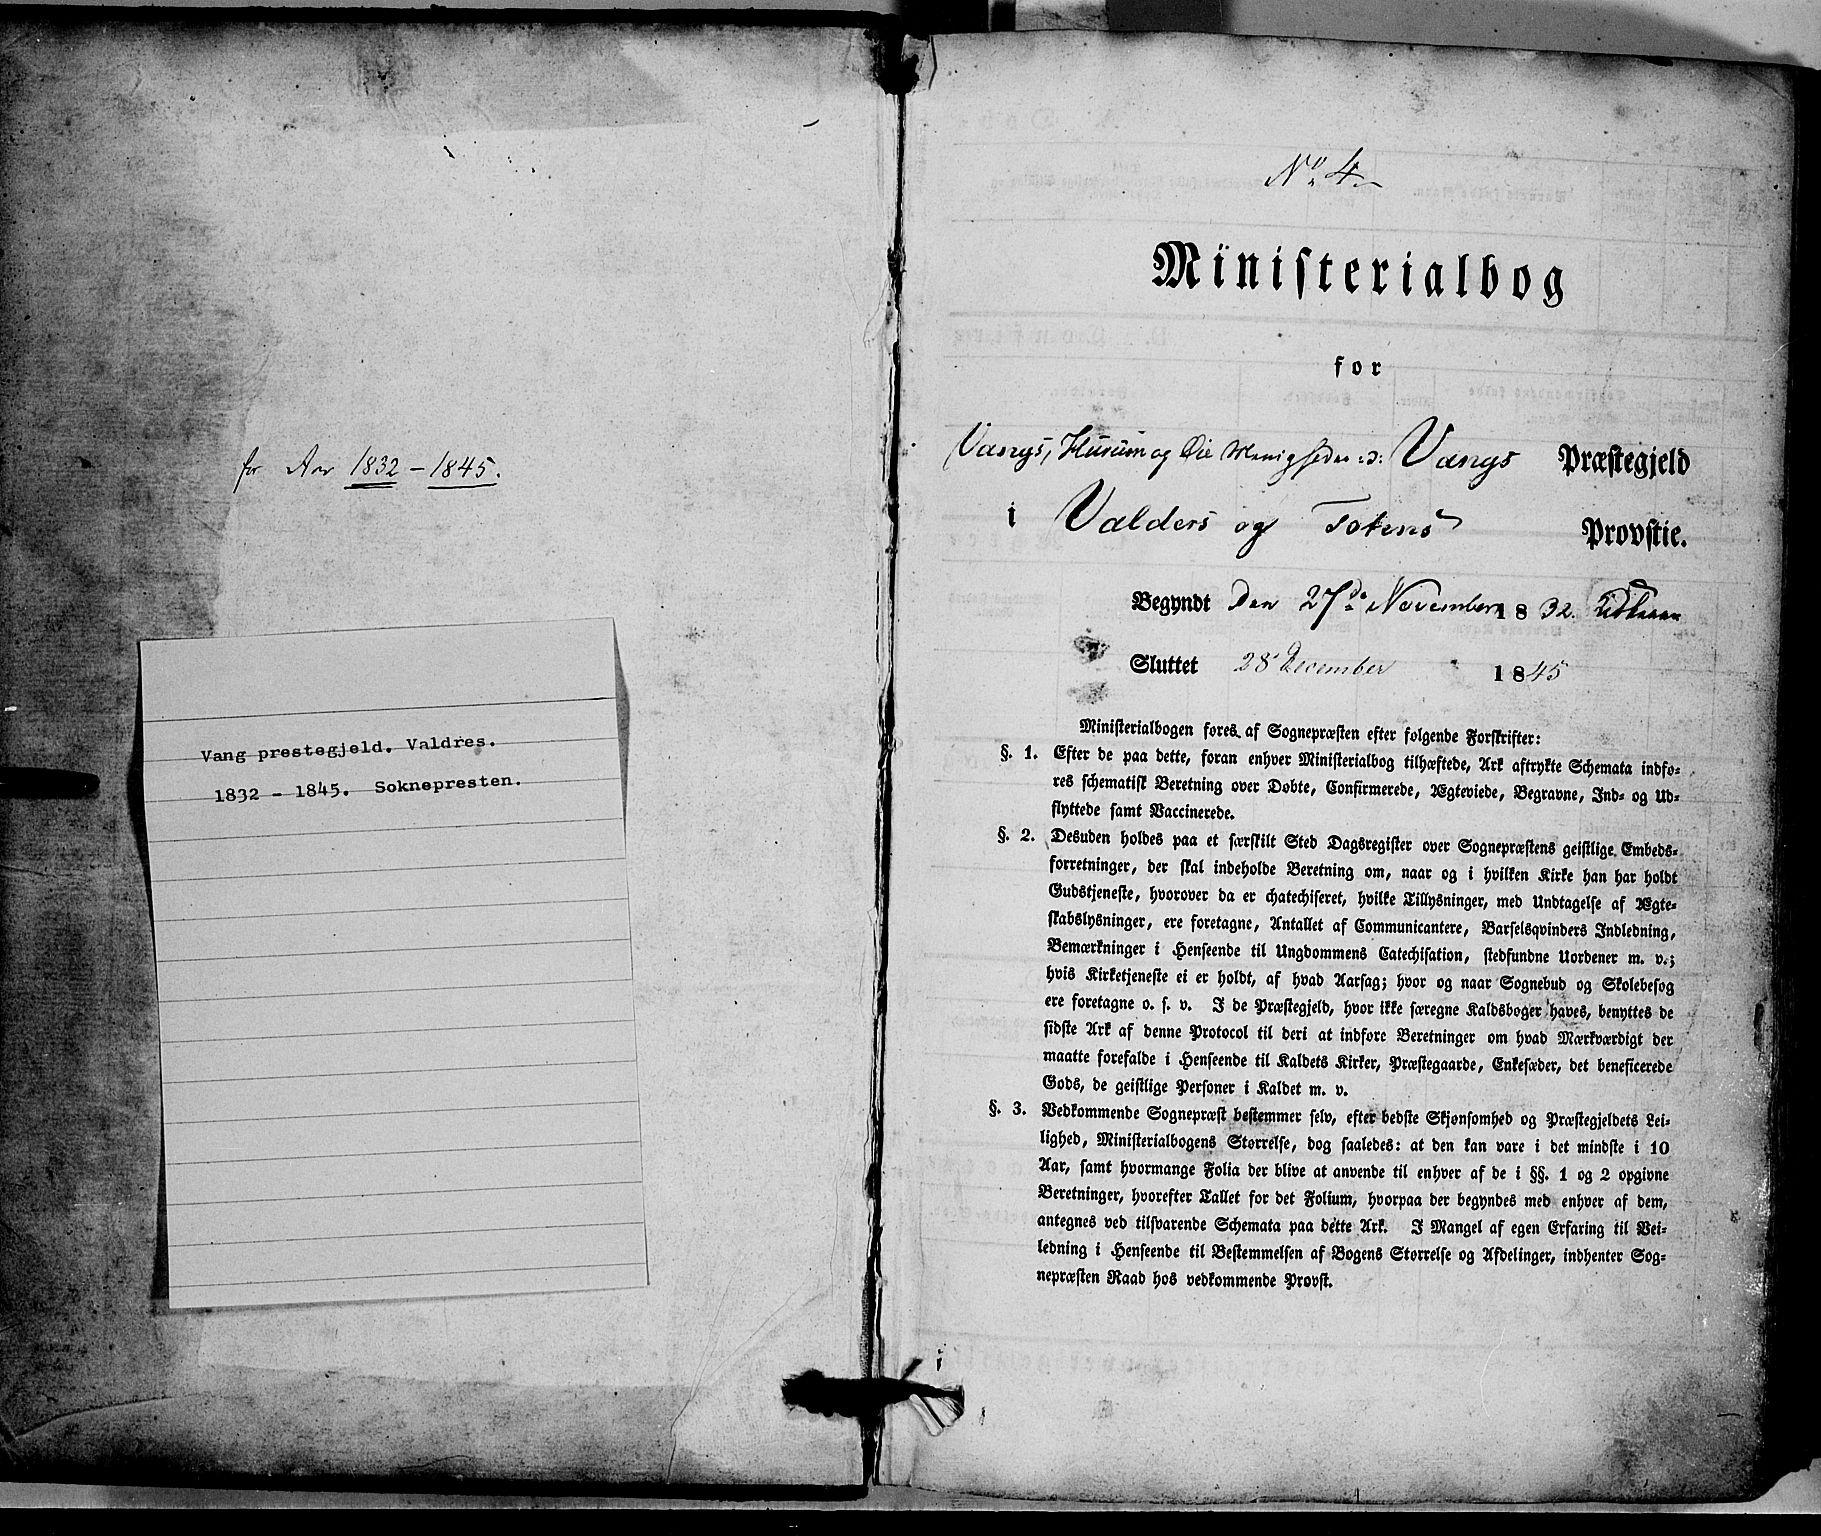 SAH, Vang prestekontor, Valdres, Ministerialbok nr. 5, 1831-1845